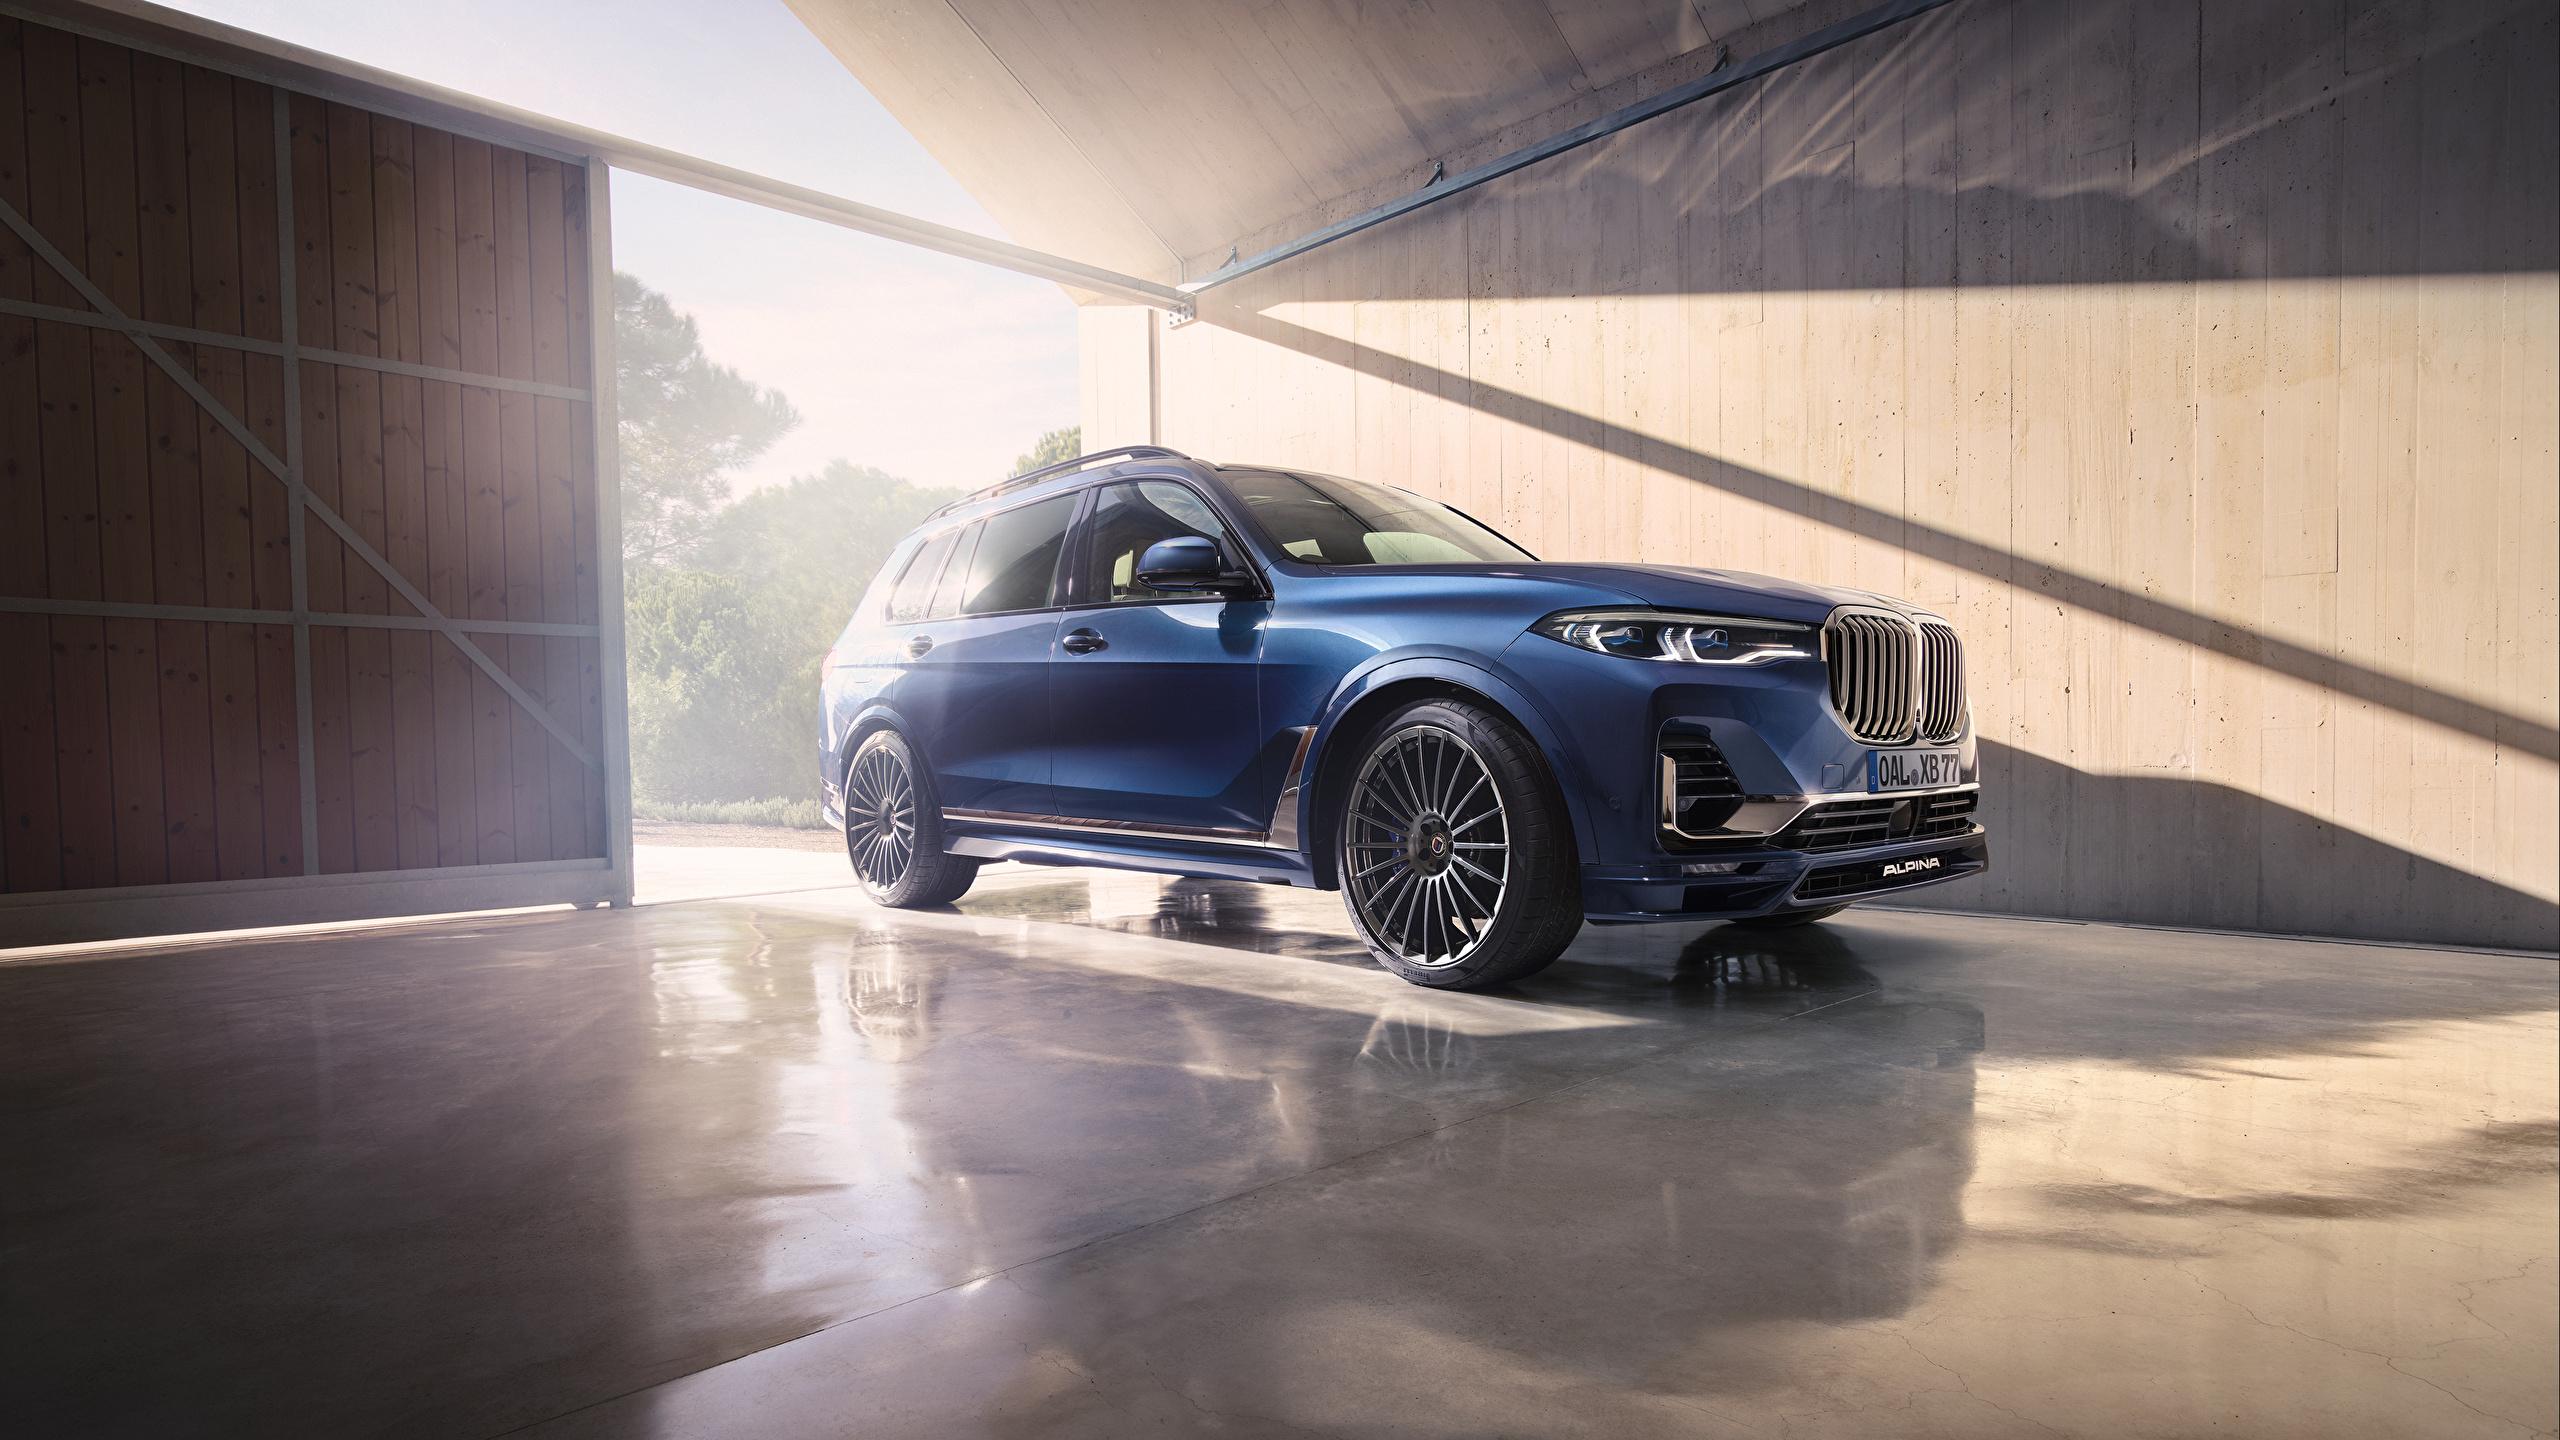 Обои для рабочего стола BMW Кроссовер 2020 Alpina XB7 Worldwide синяя Автомобили 2560x1440 БМВ CUV Синий синие синих авто машины машина автомобиль